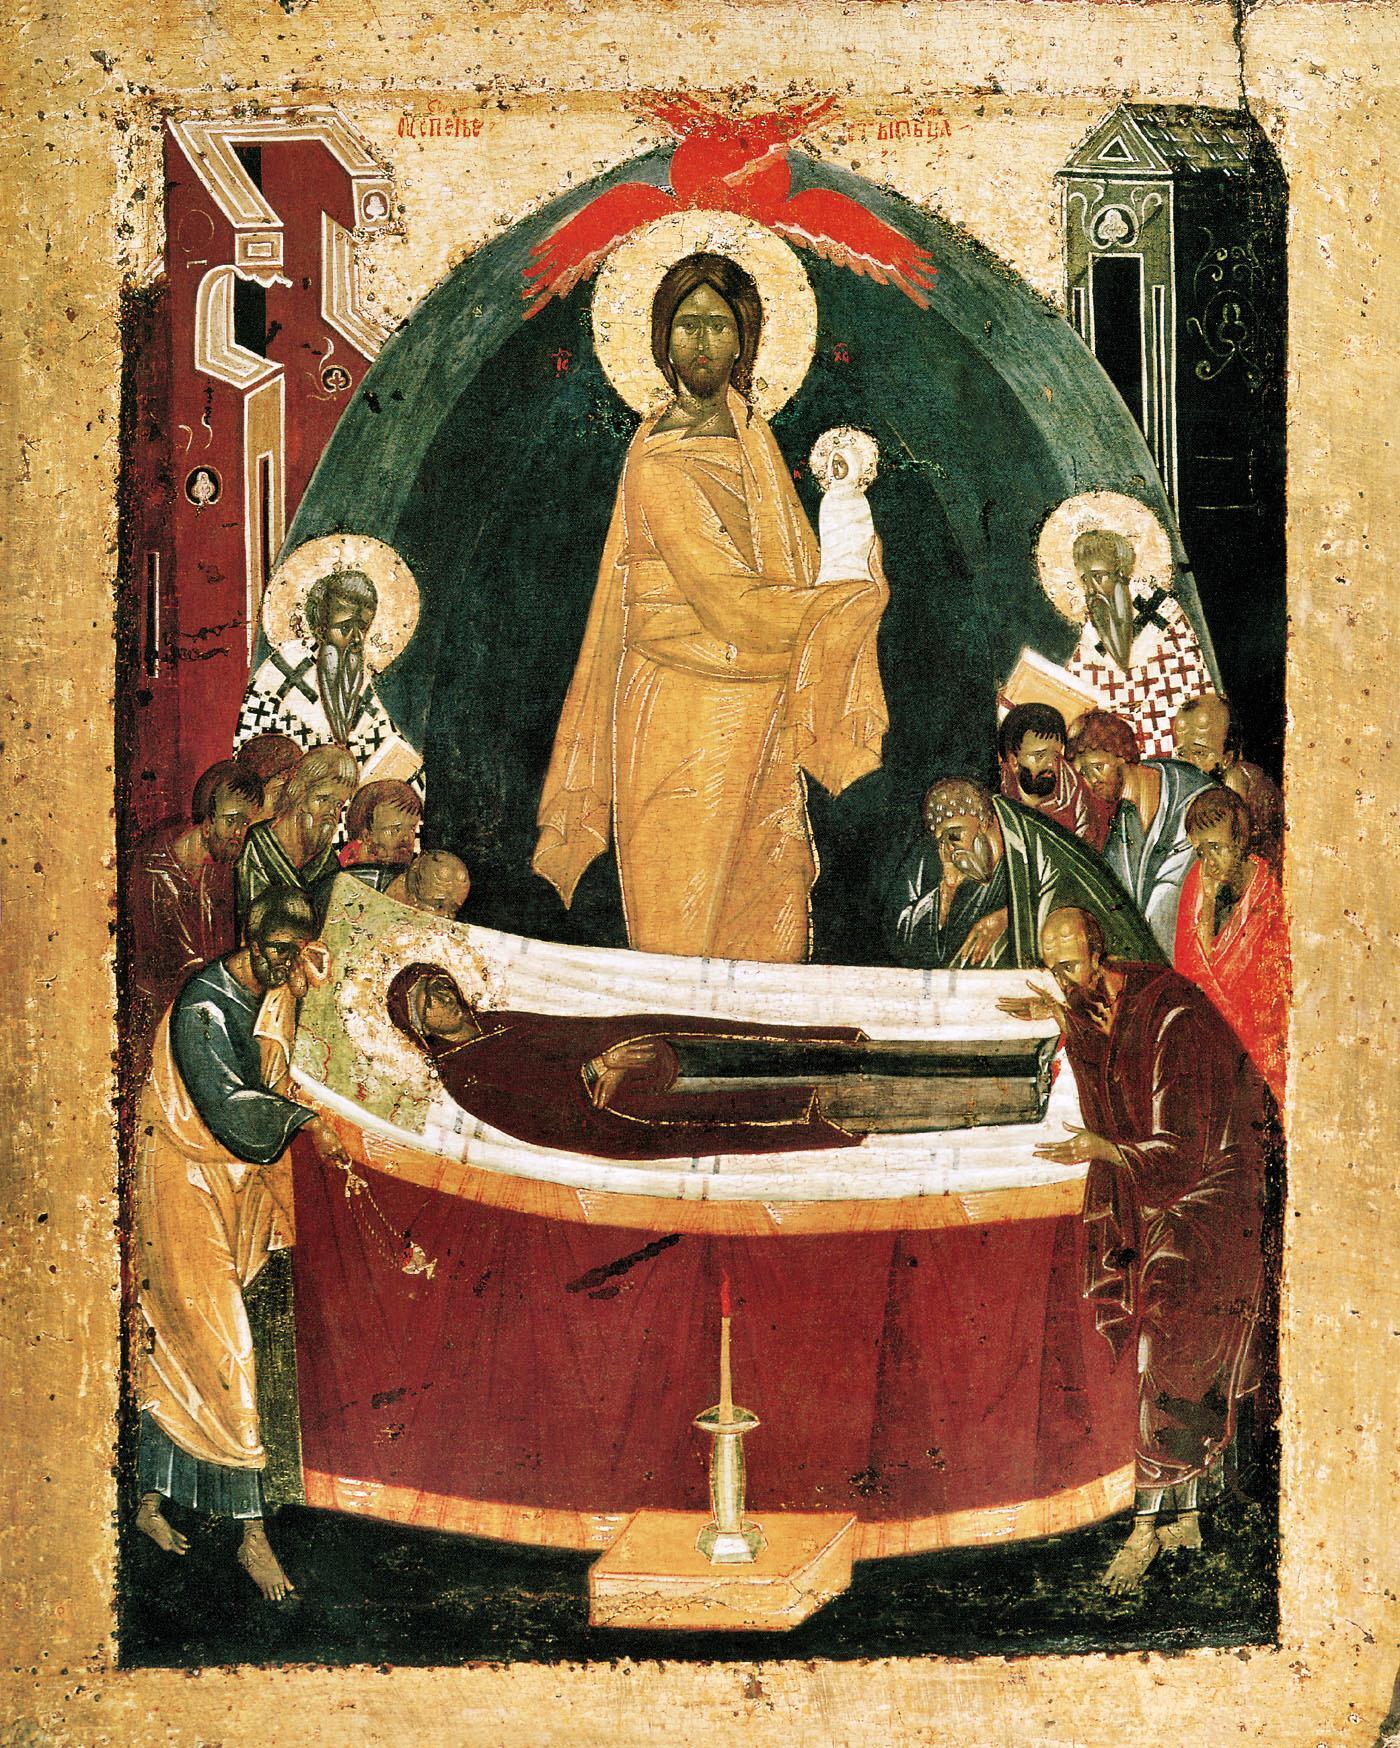 Успение Пресвятой Богородицы, икона Феофана Грека